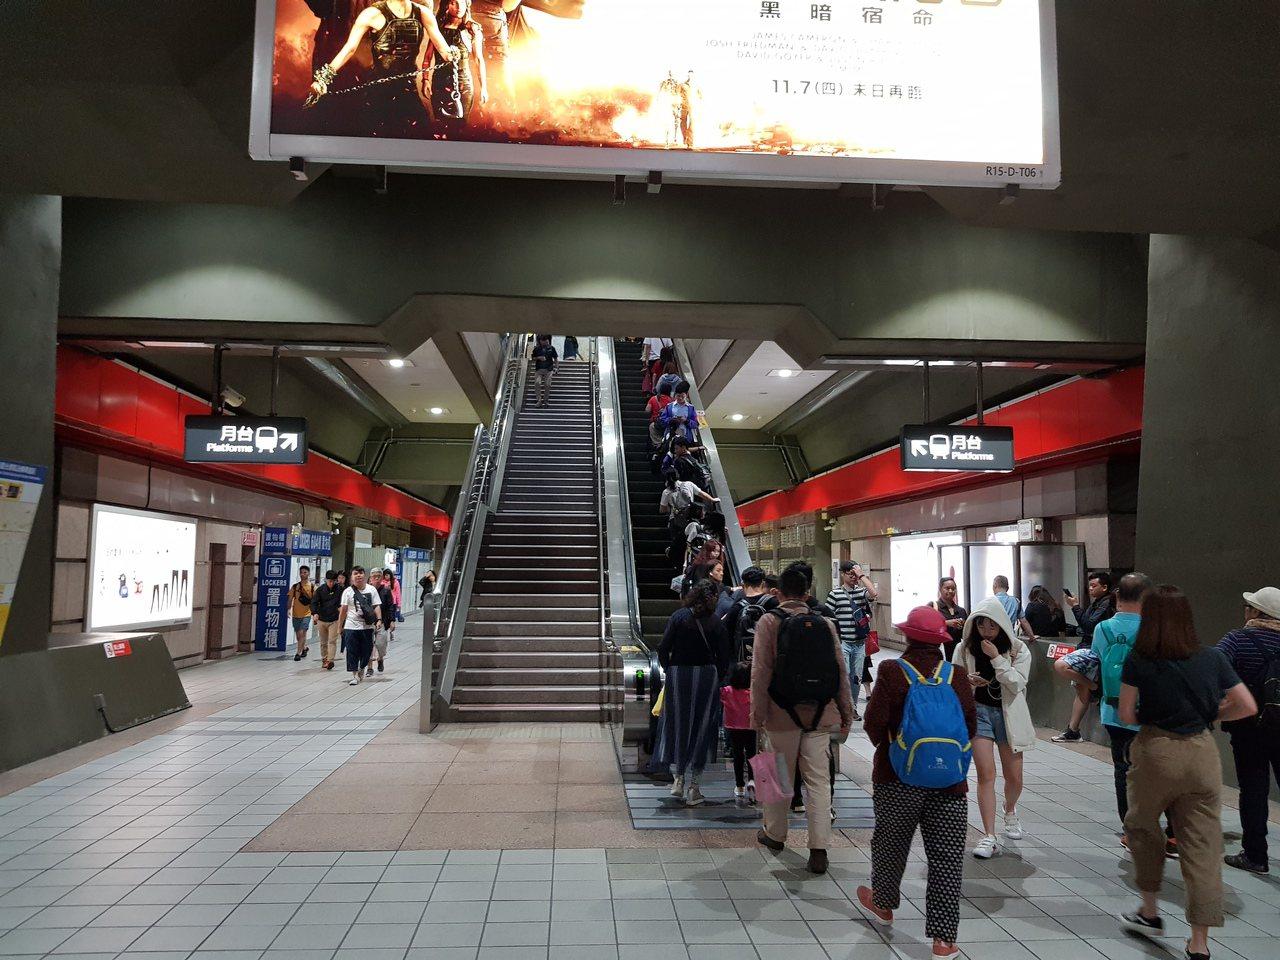 今天晚上7點44分花蓮縣東方發生規模5.4有感地震,台北捷運列車約於45分停駛約...